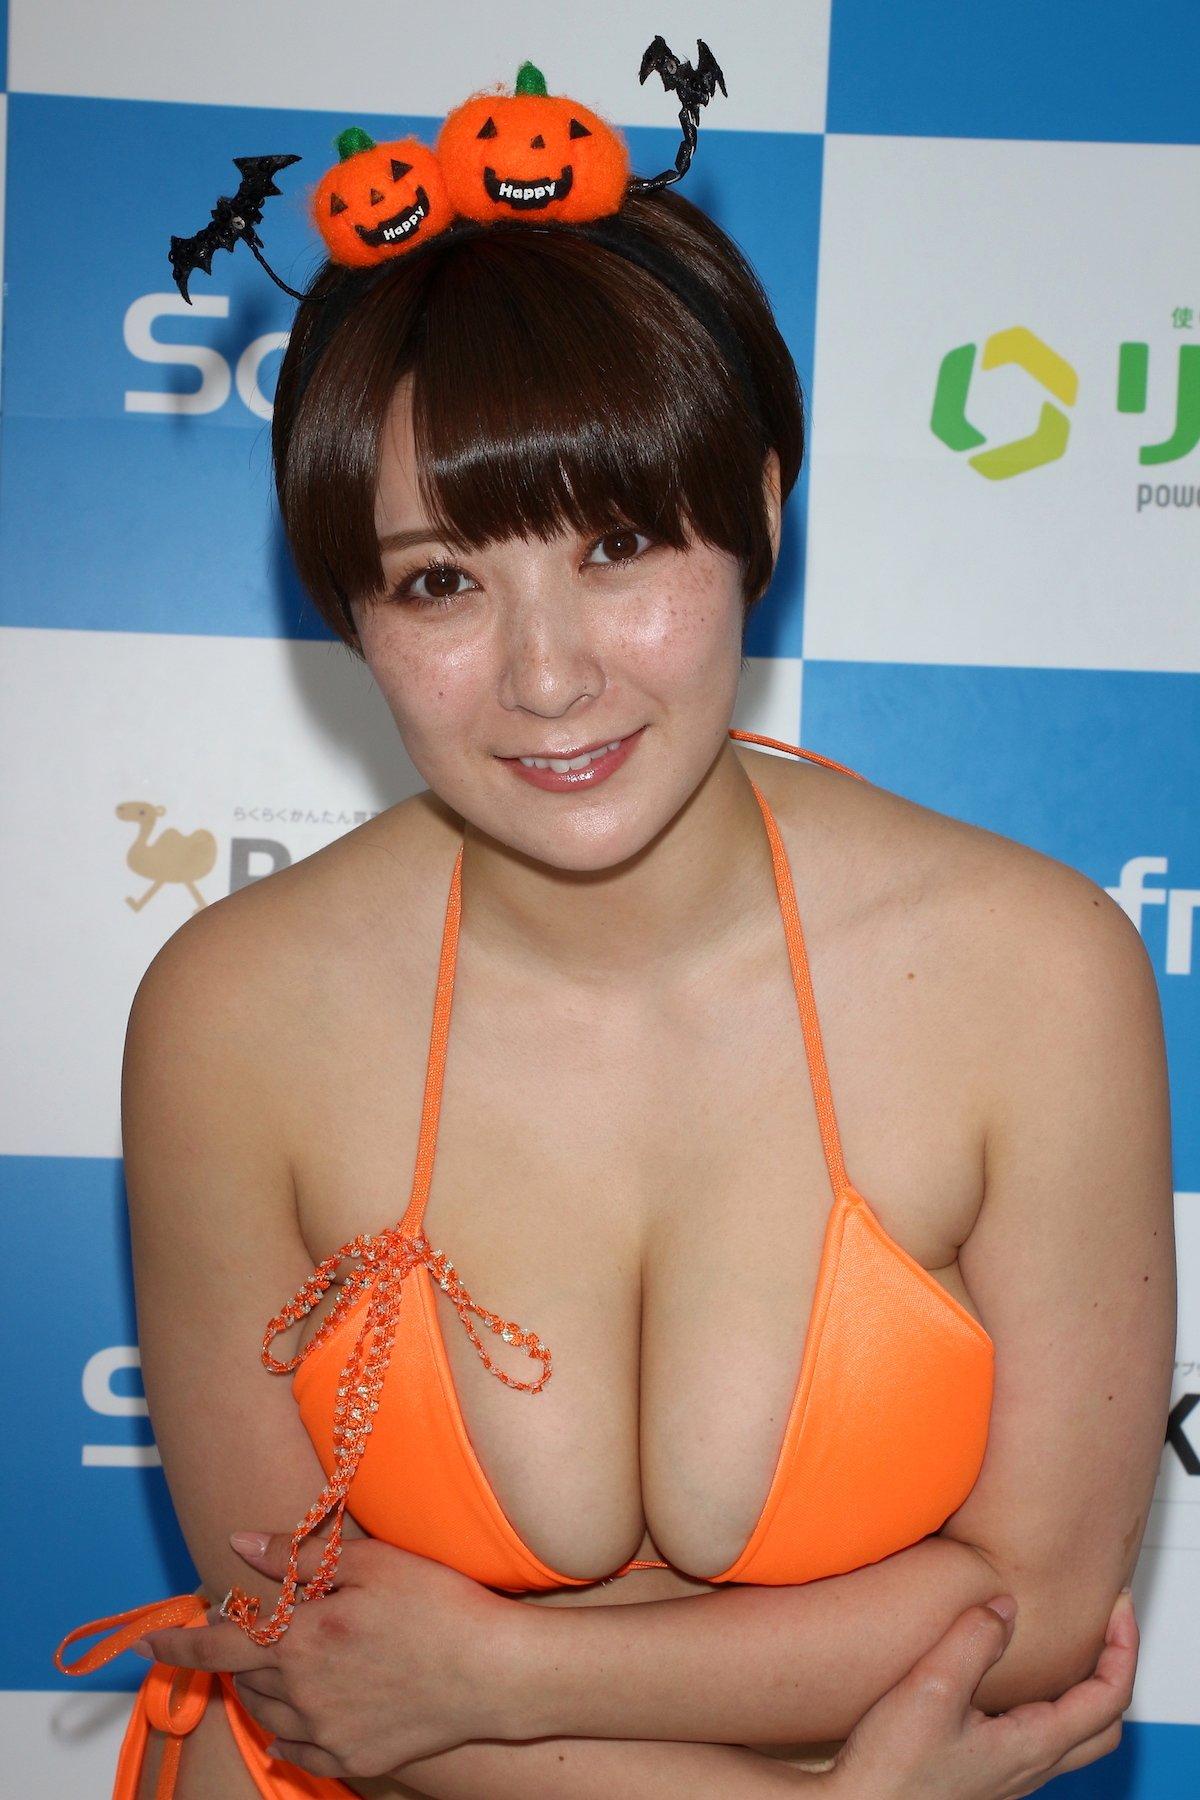 紺野栞「SM嬢に初挑戦」ムチを覚えて感動しました【画像49枚】の画像033